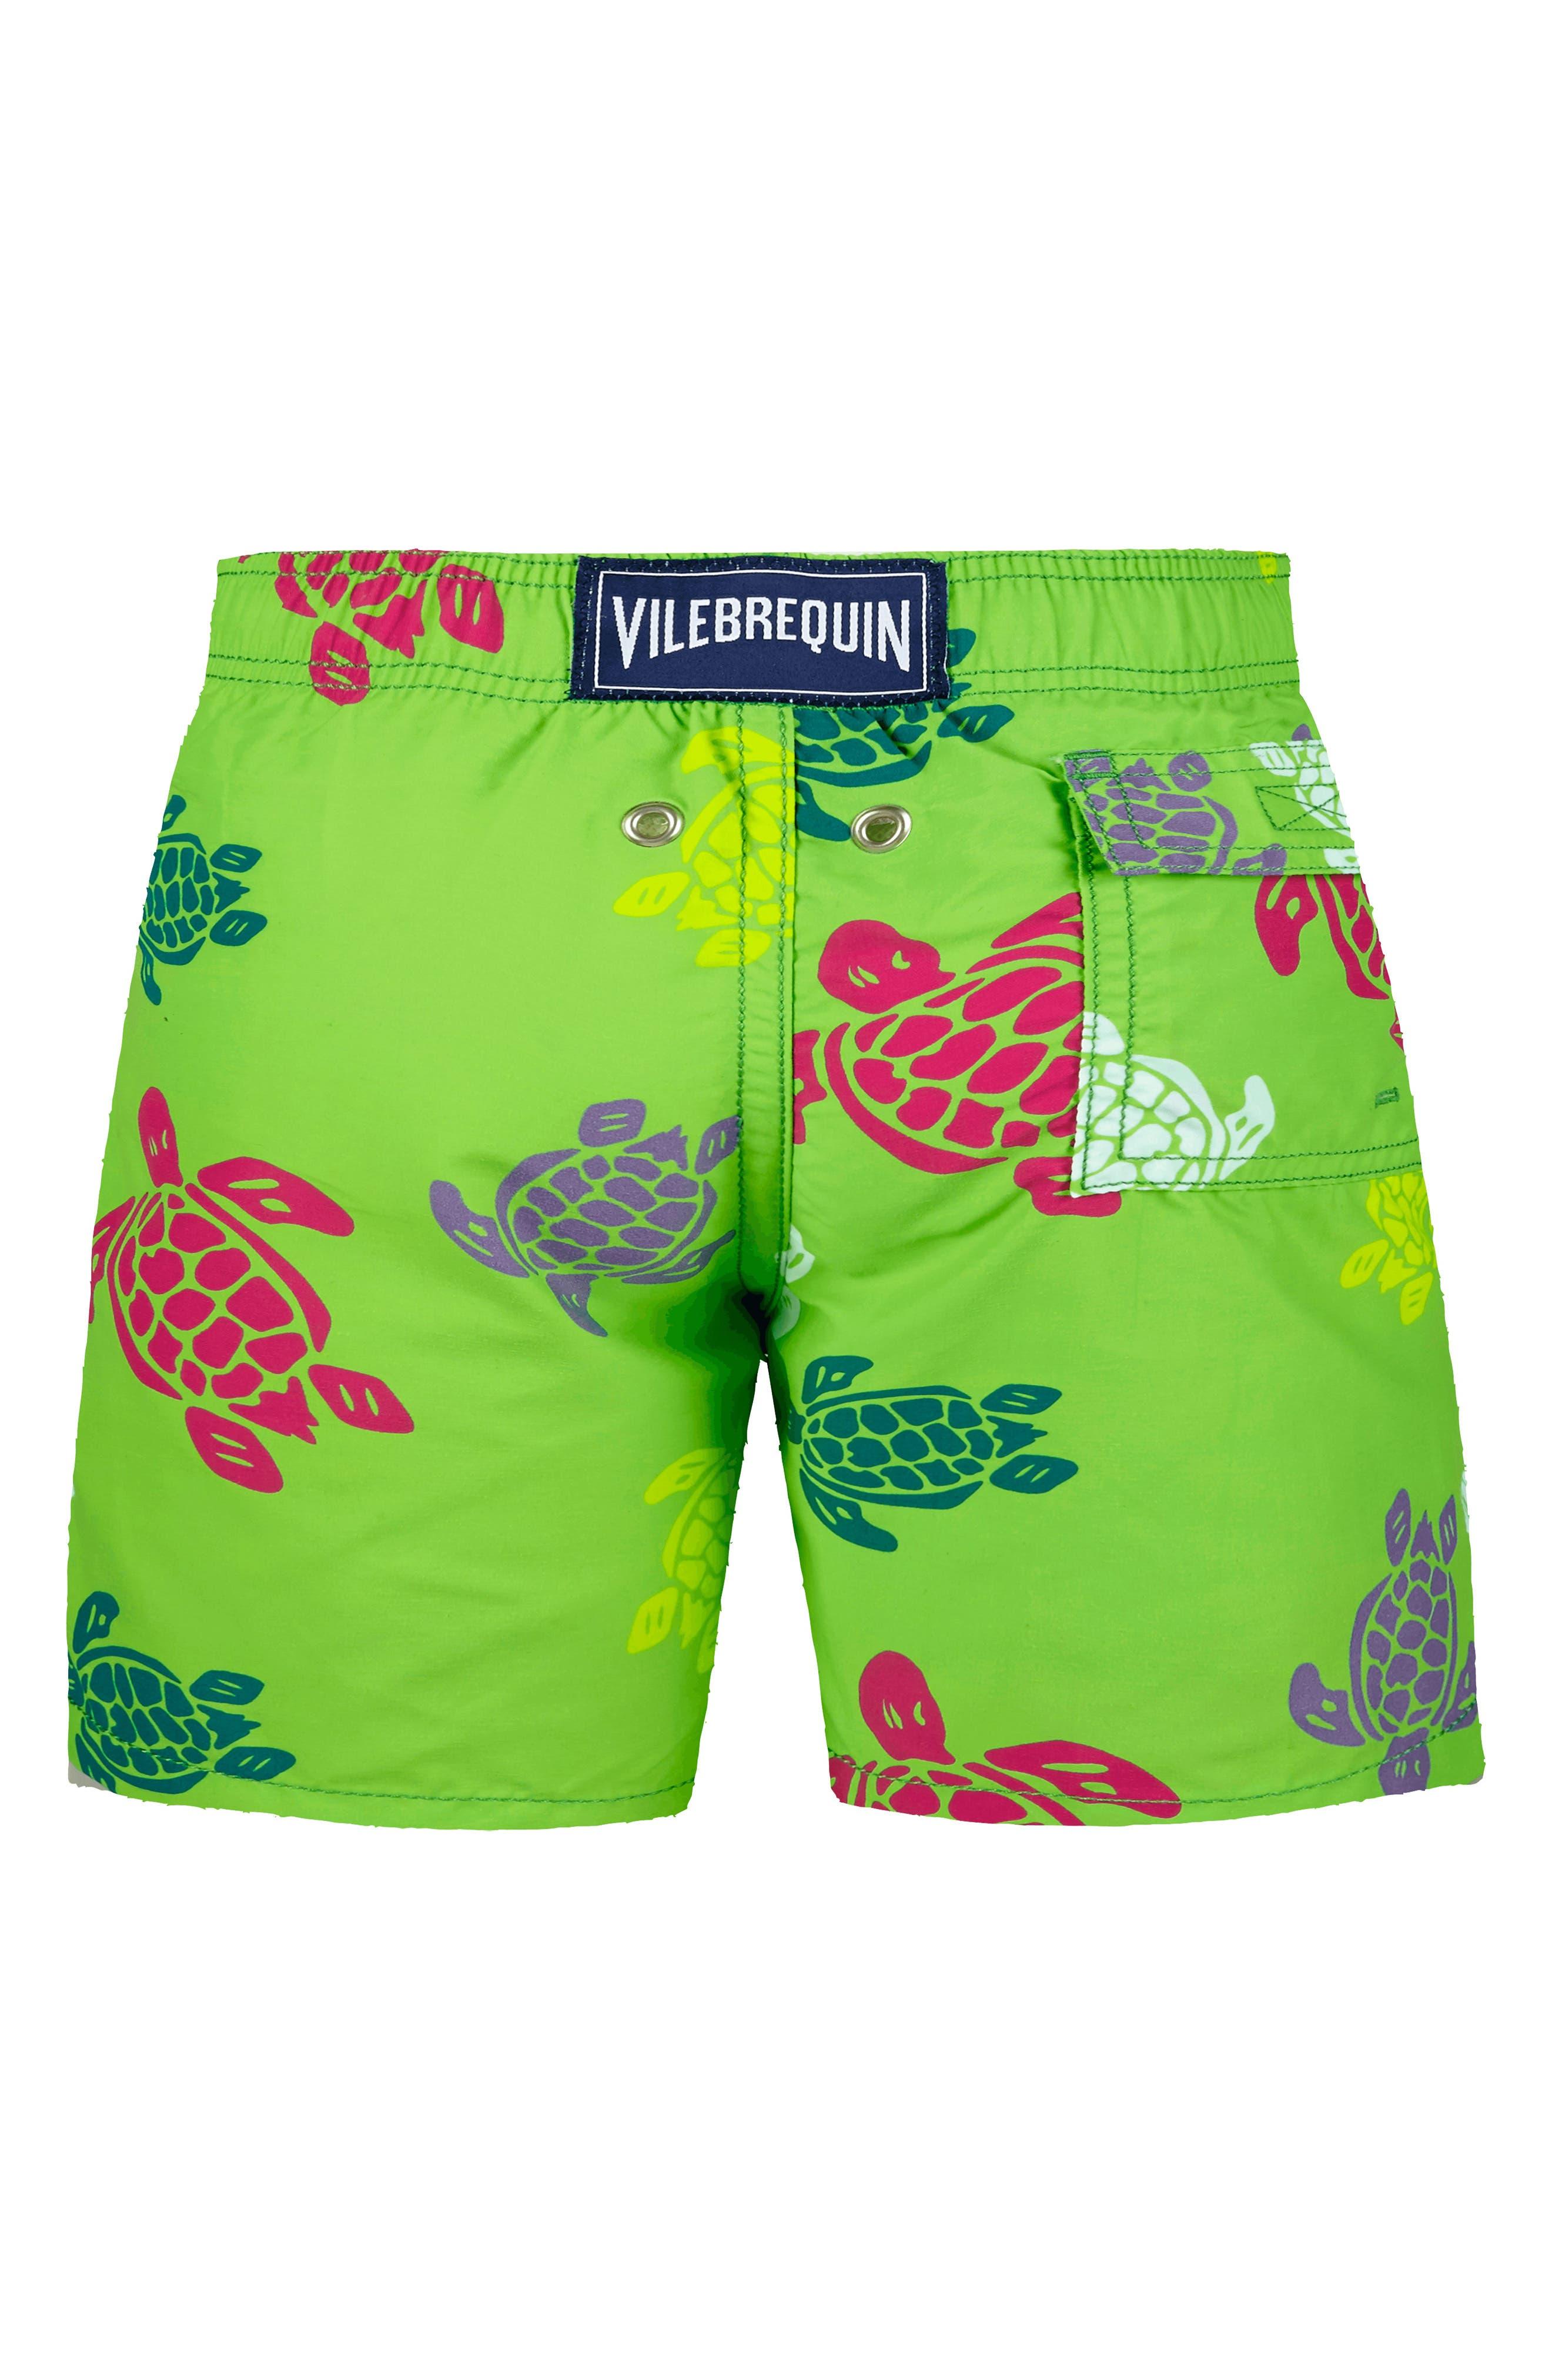 Vilbrequin Turtles Swim Trunks,                             Alternate thumbnail 2, color,                             461VERT PELOUSE